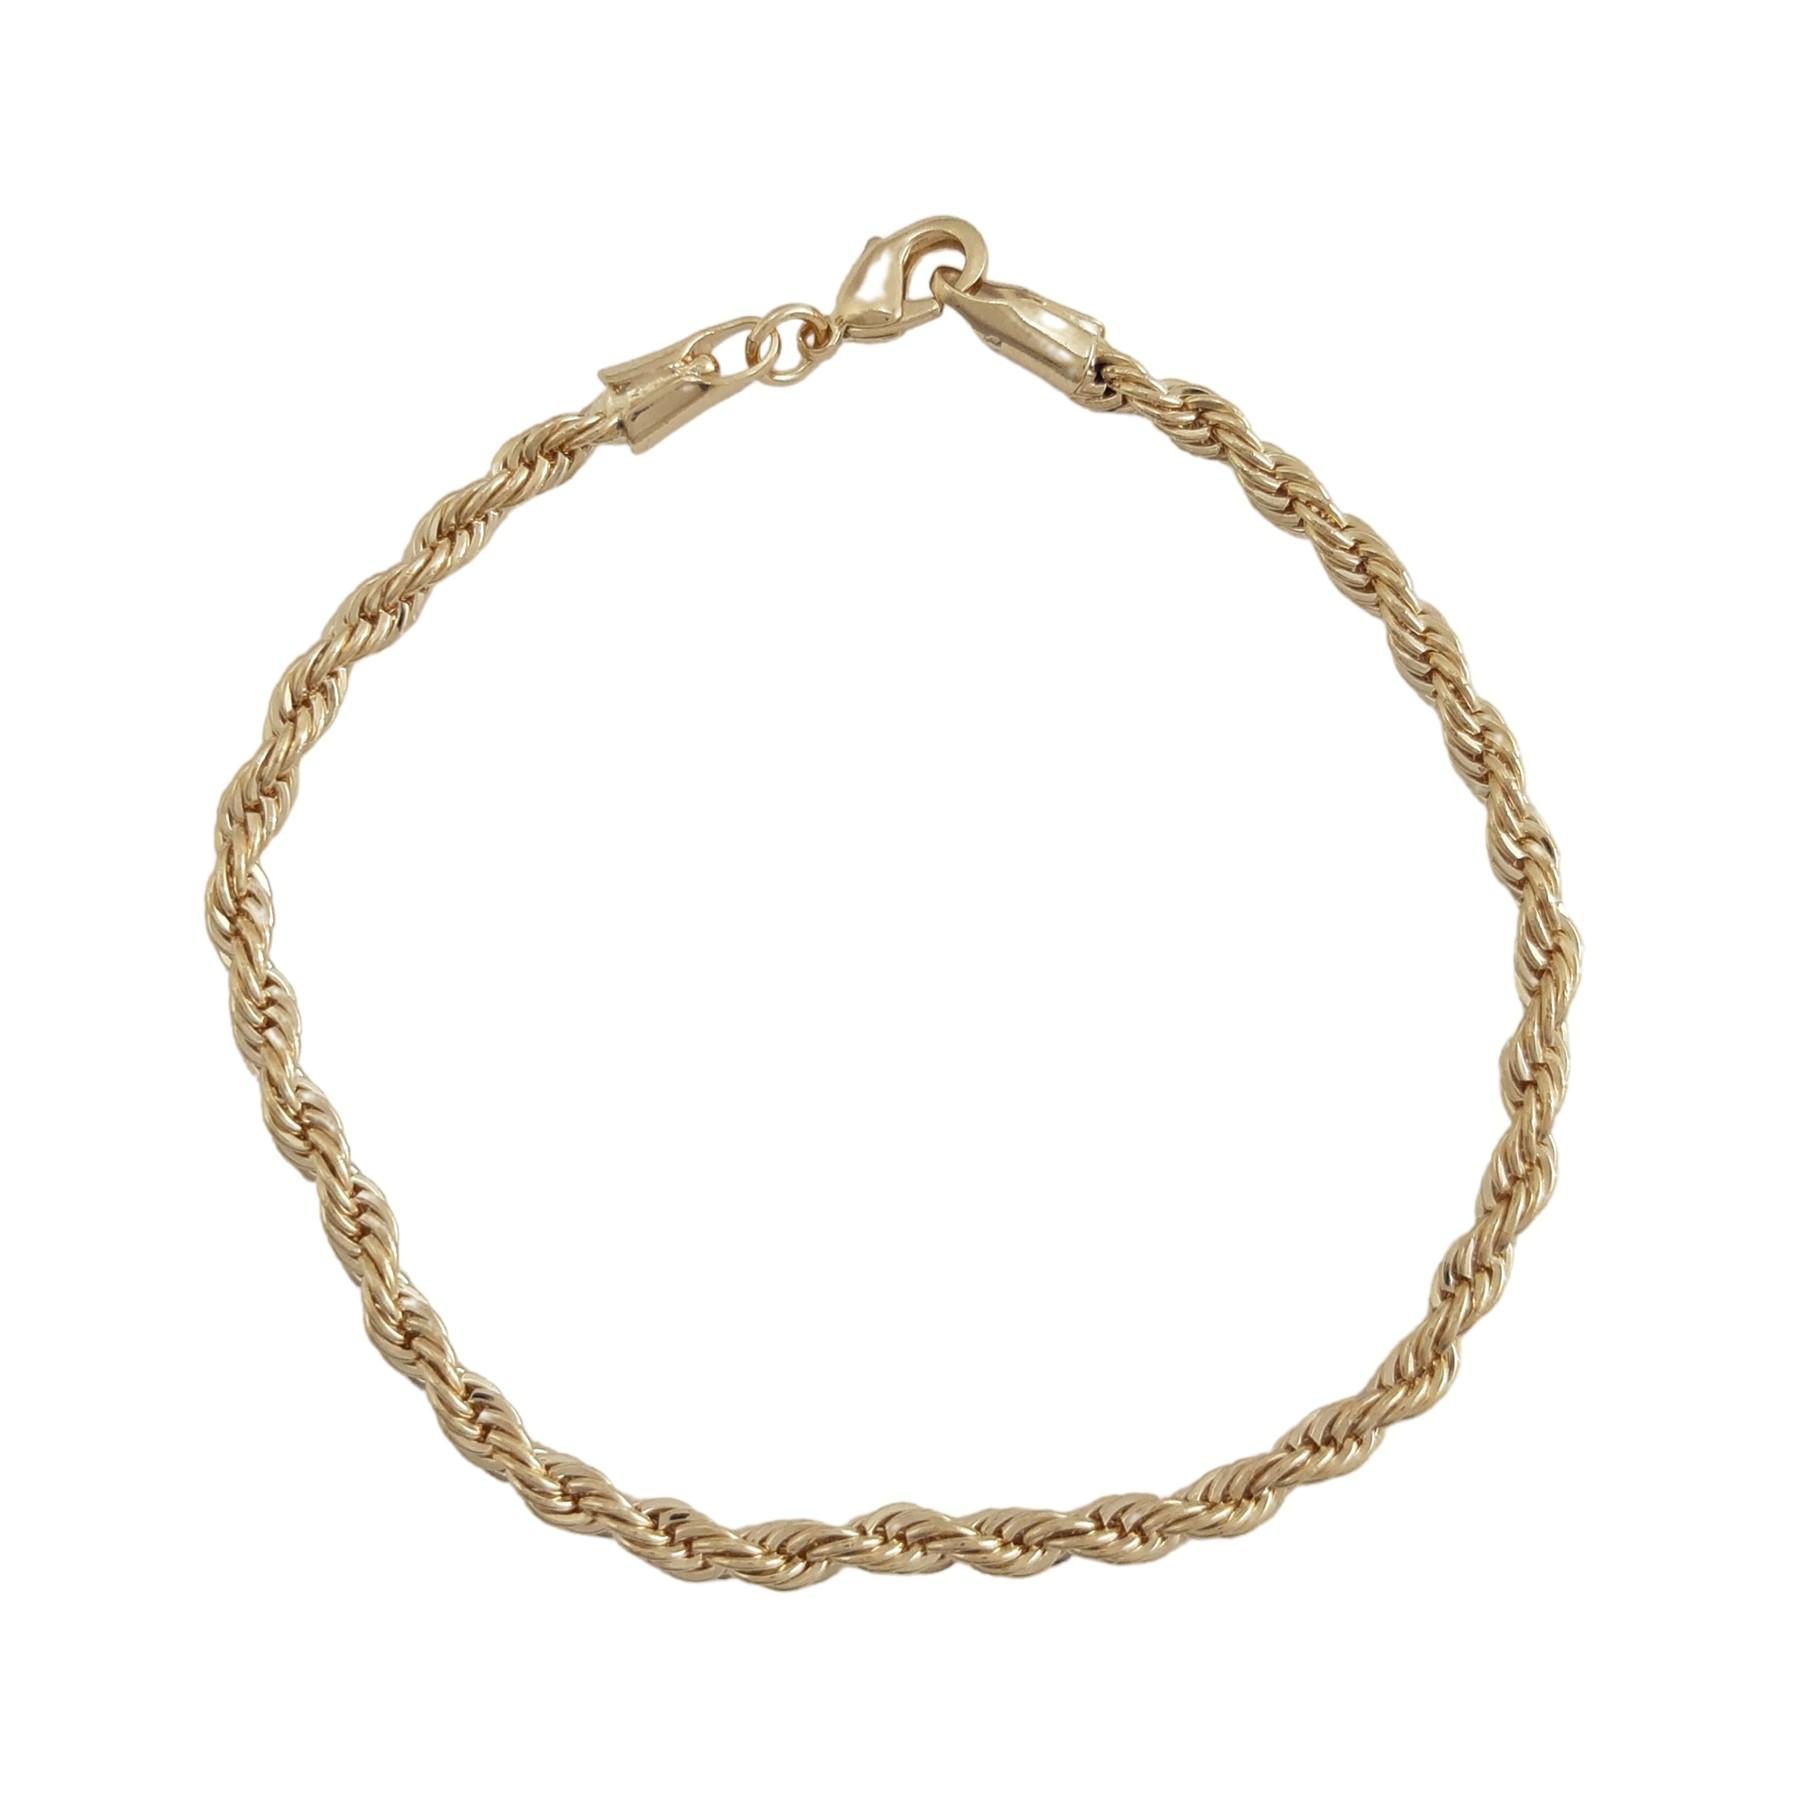 Pulseira cordão baiano banhado a ouro 18k